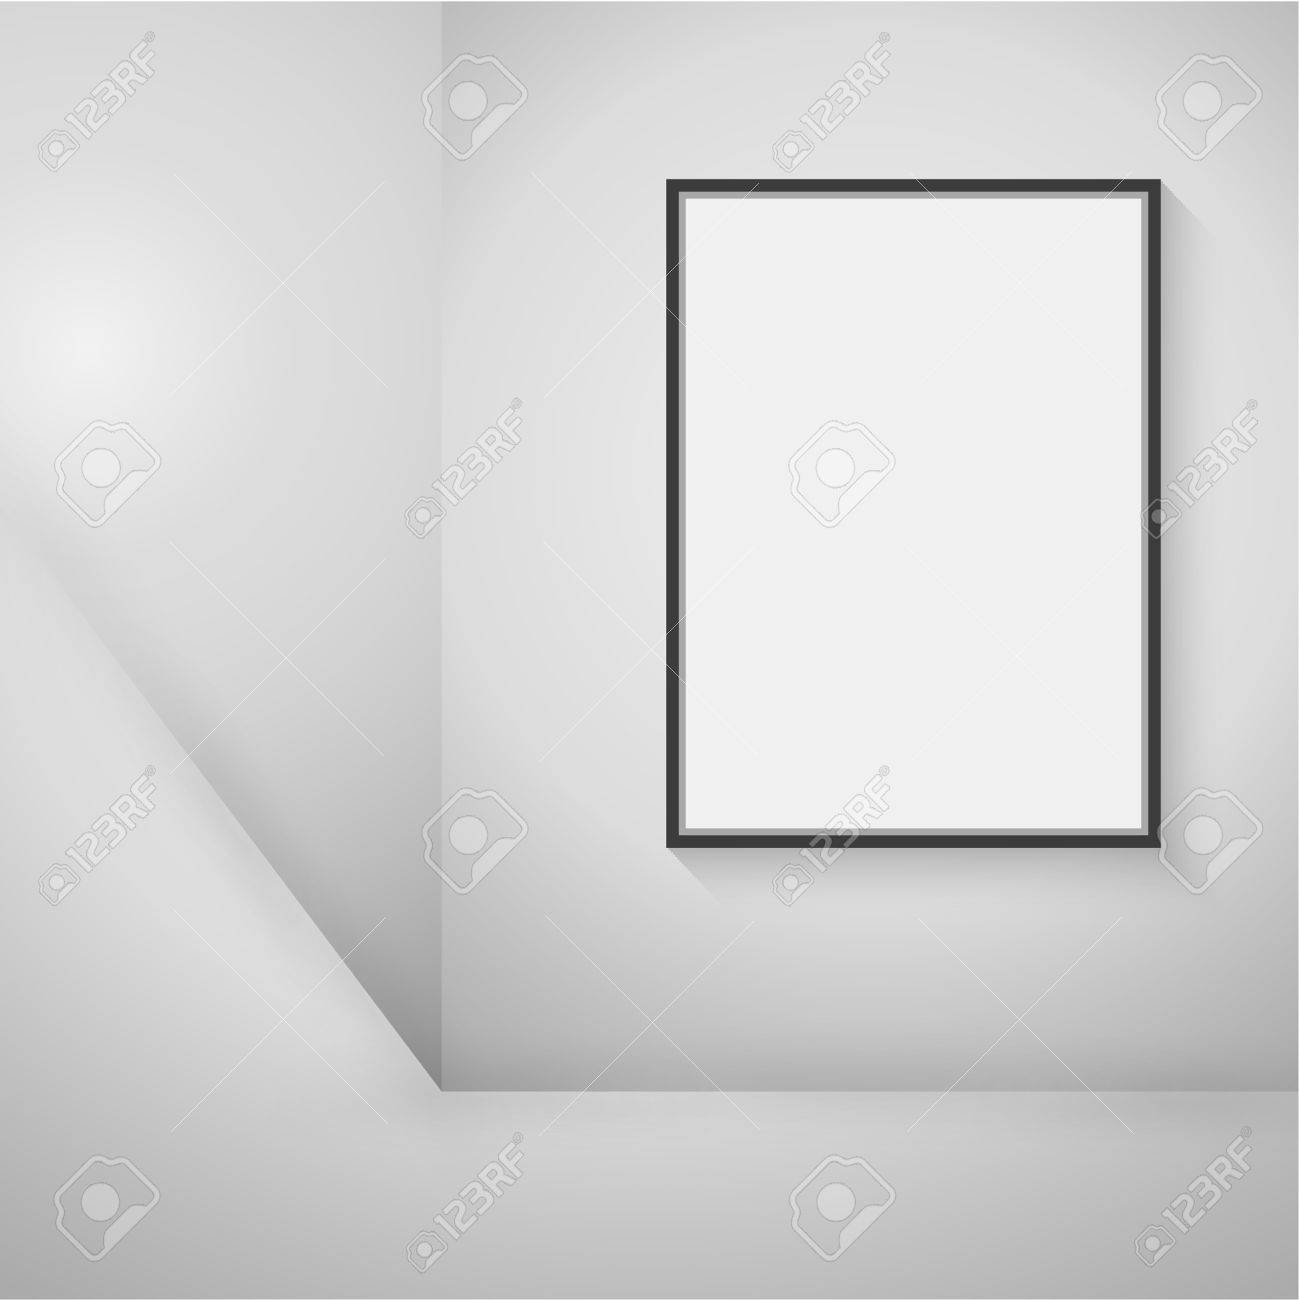 Fein Rahmen Hintergrundbild Html Galerie - Bilderrahmen Ideen ...